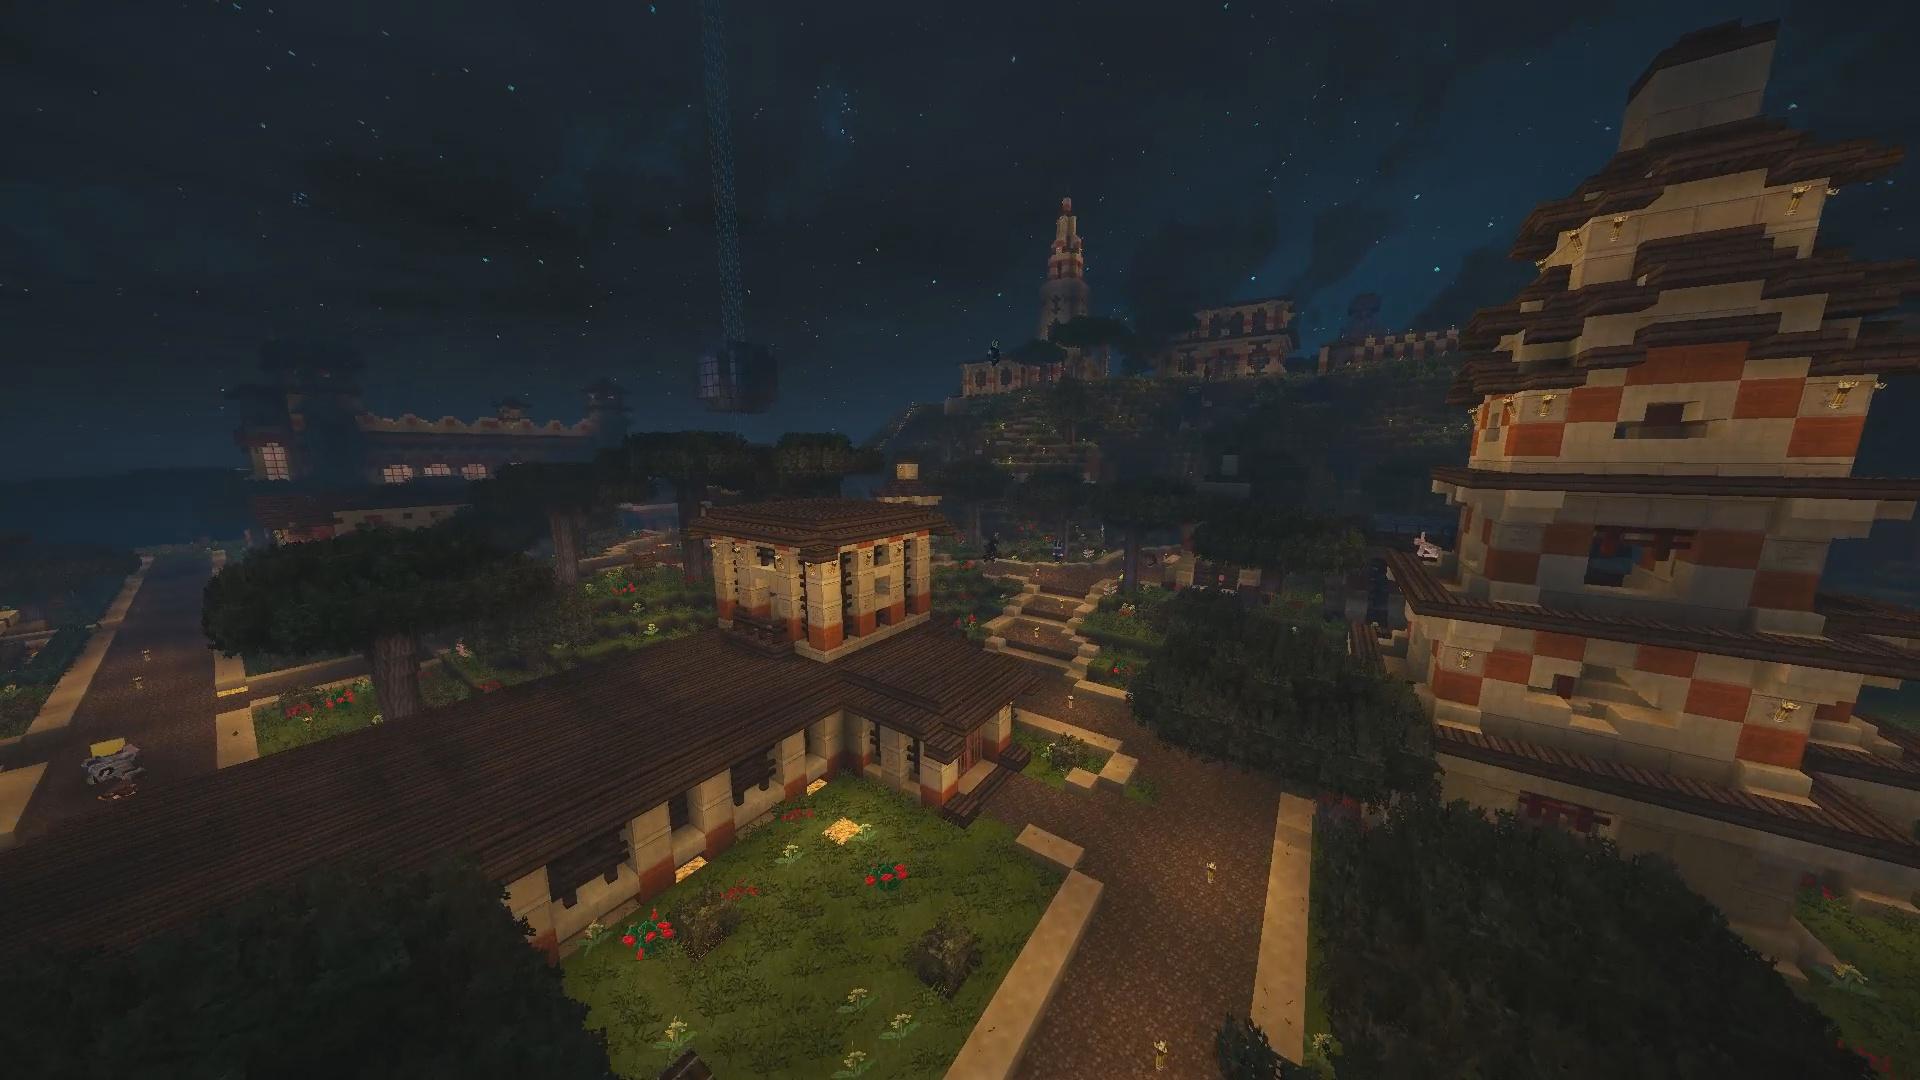 Voici le hameau du magicien de PaC Vinci_MerliN !